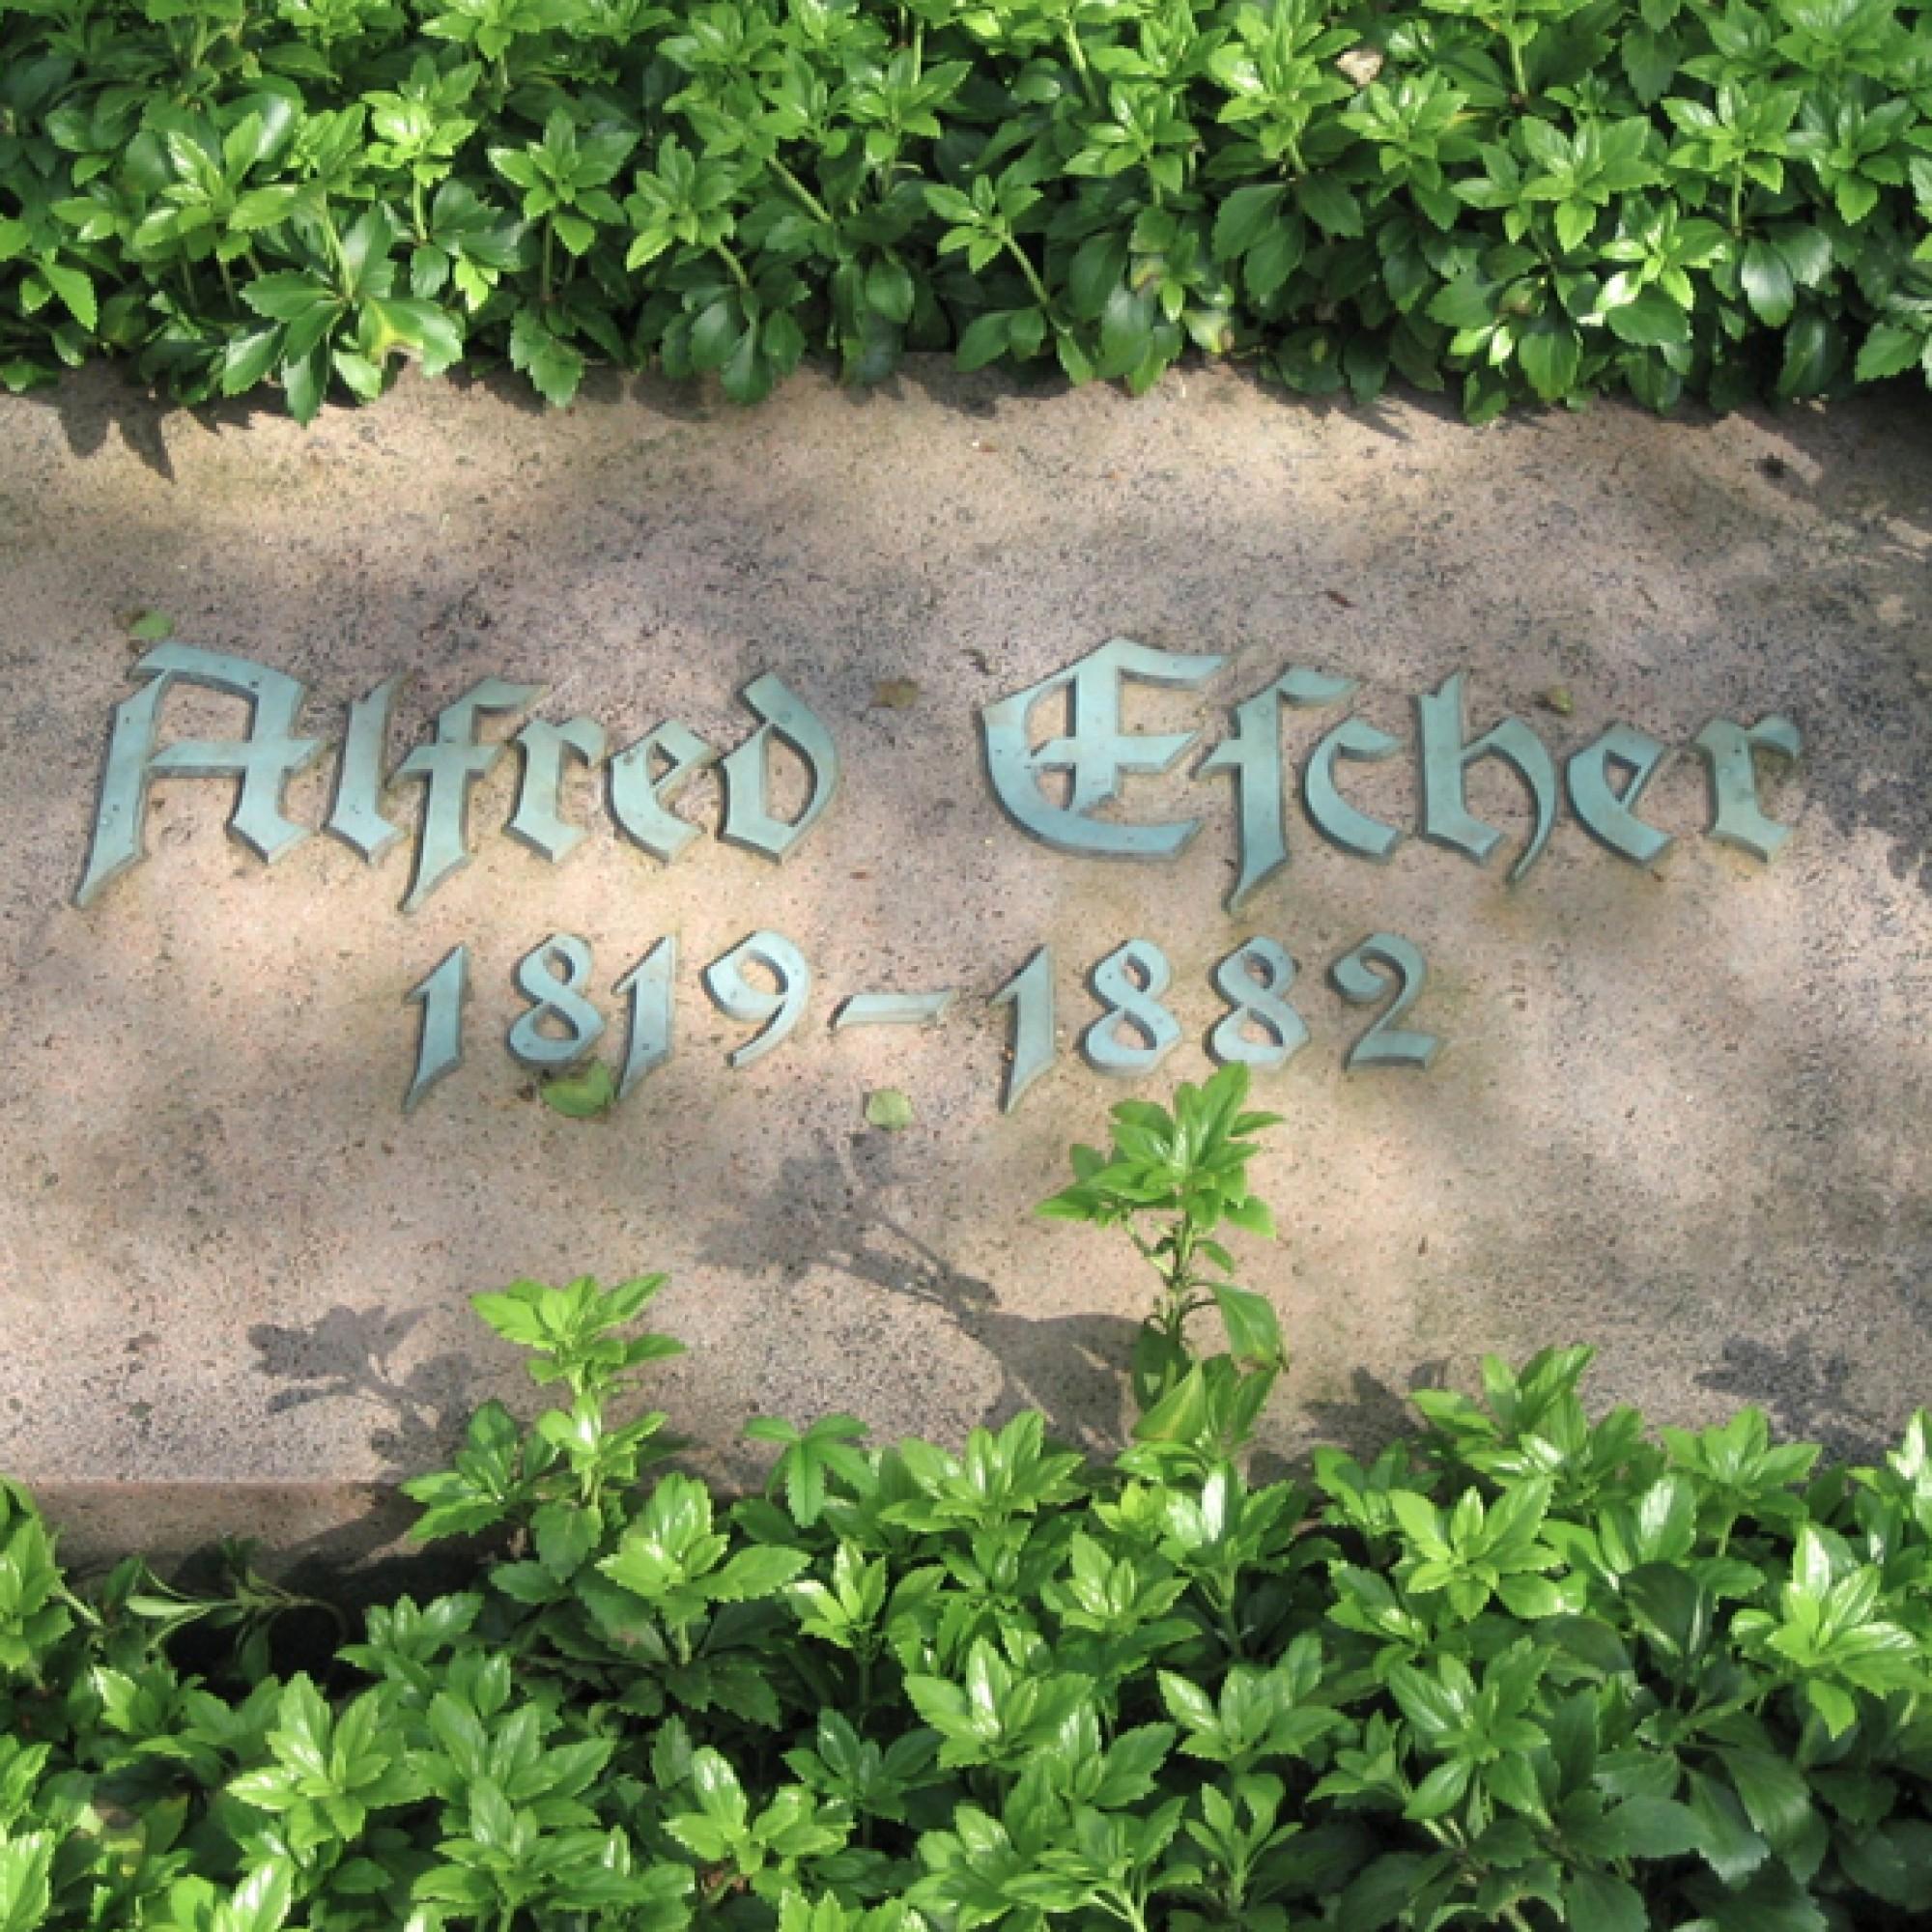 Die Grabplatte wurde von Moos und Flechten gereinigt. (zvg)